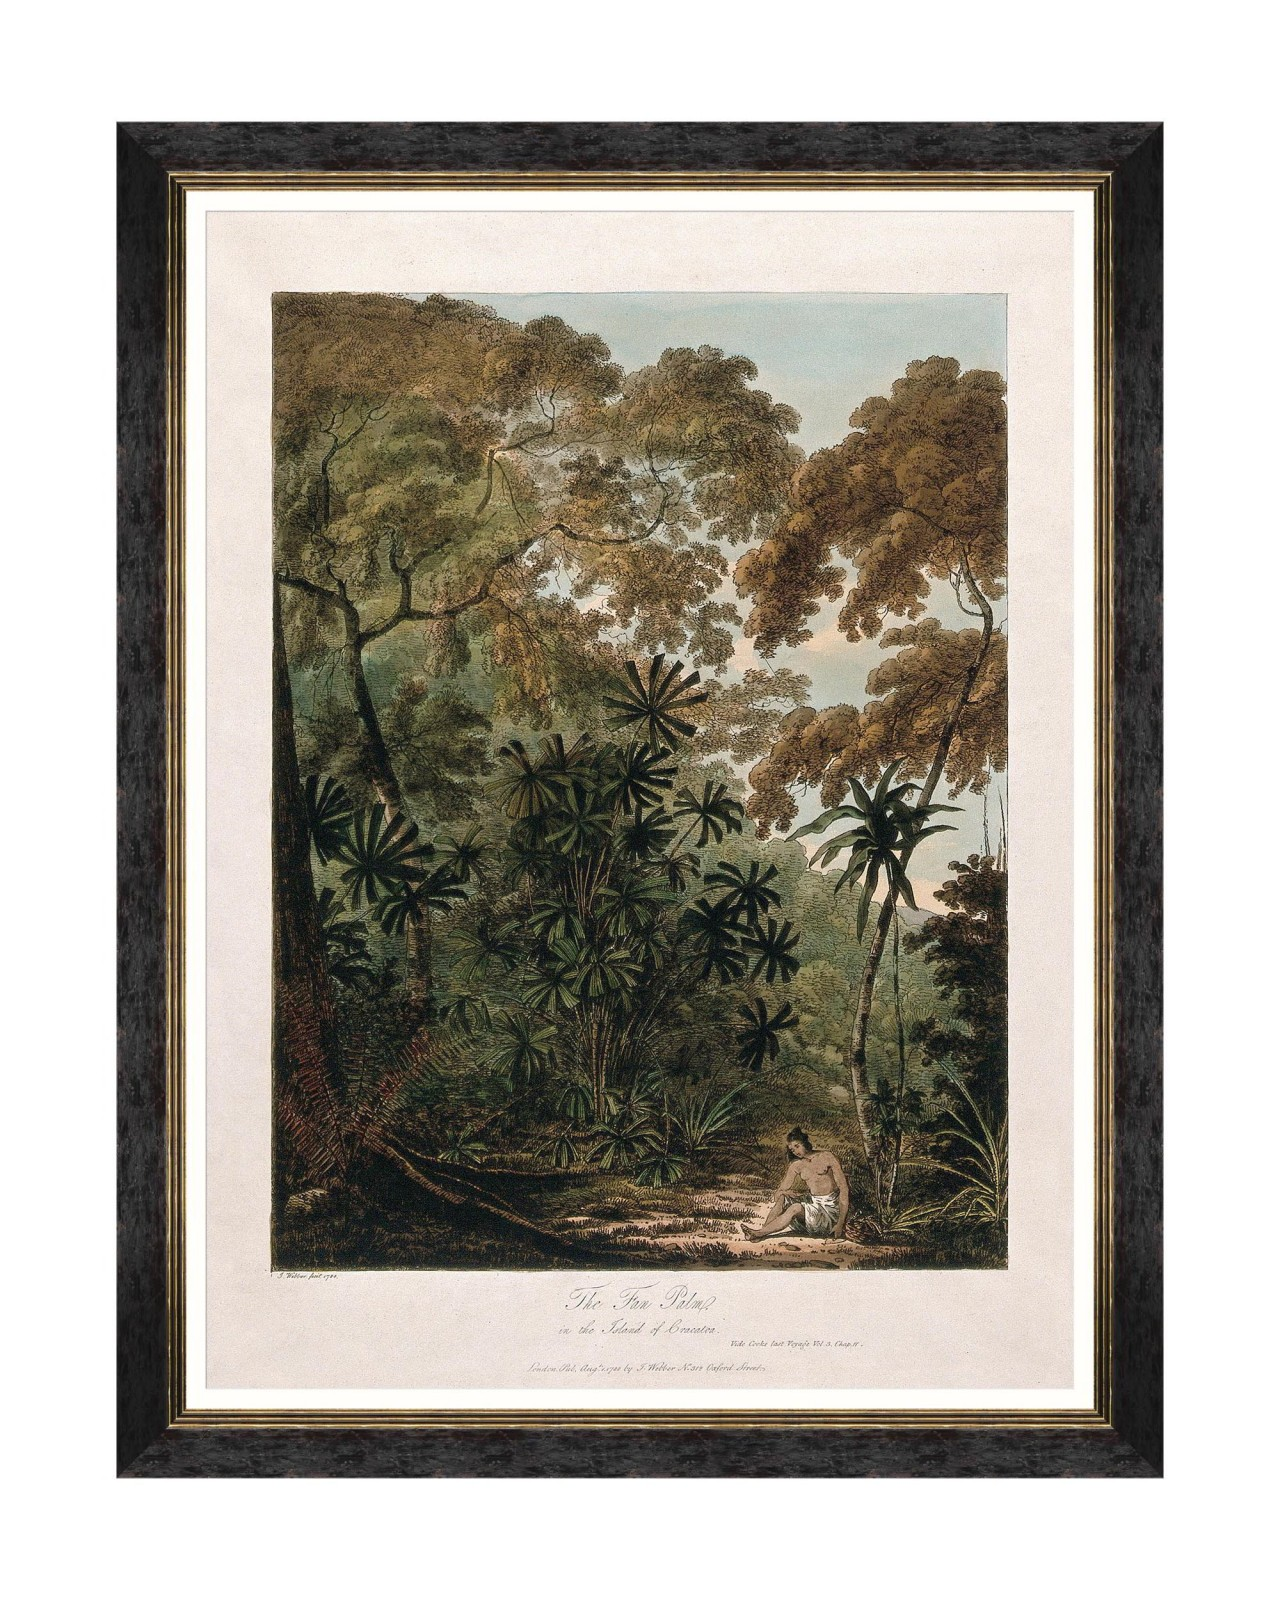 TREES OF KRAKATOA - THE FAN PALM Framed Art